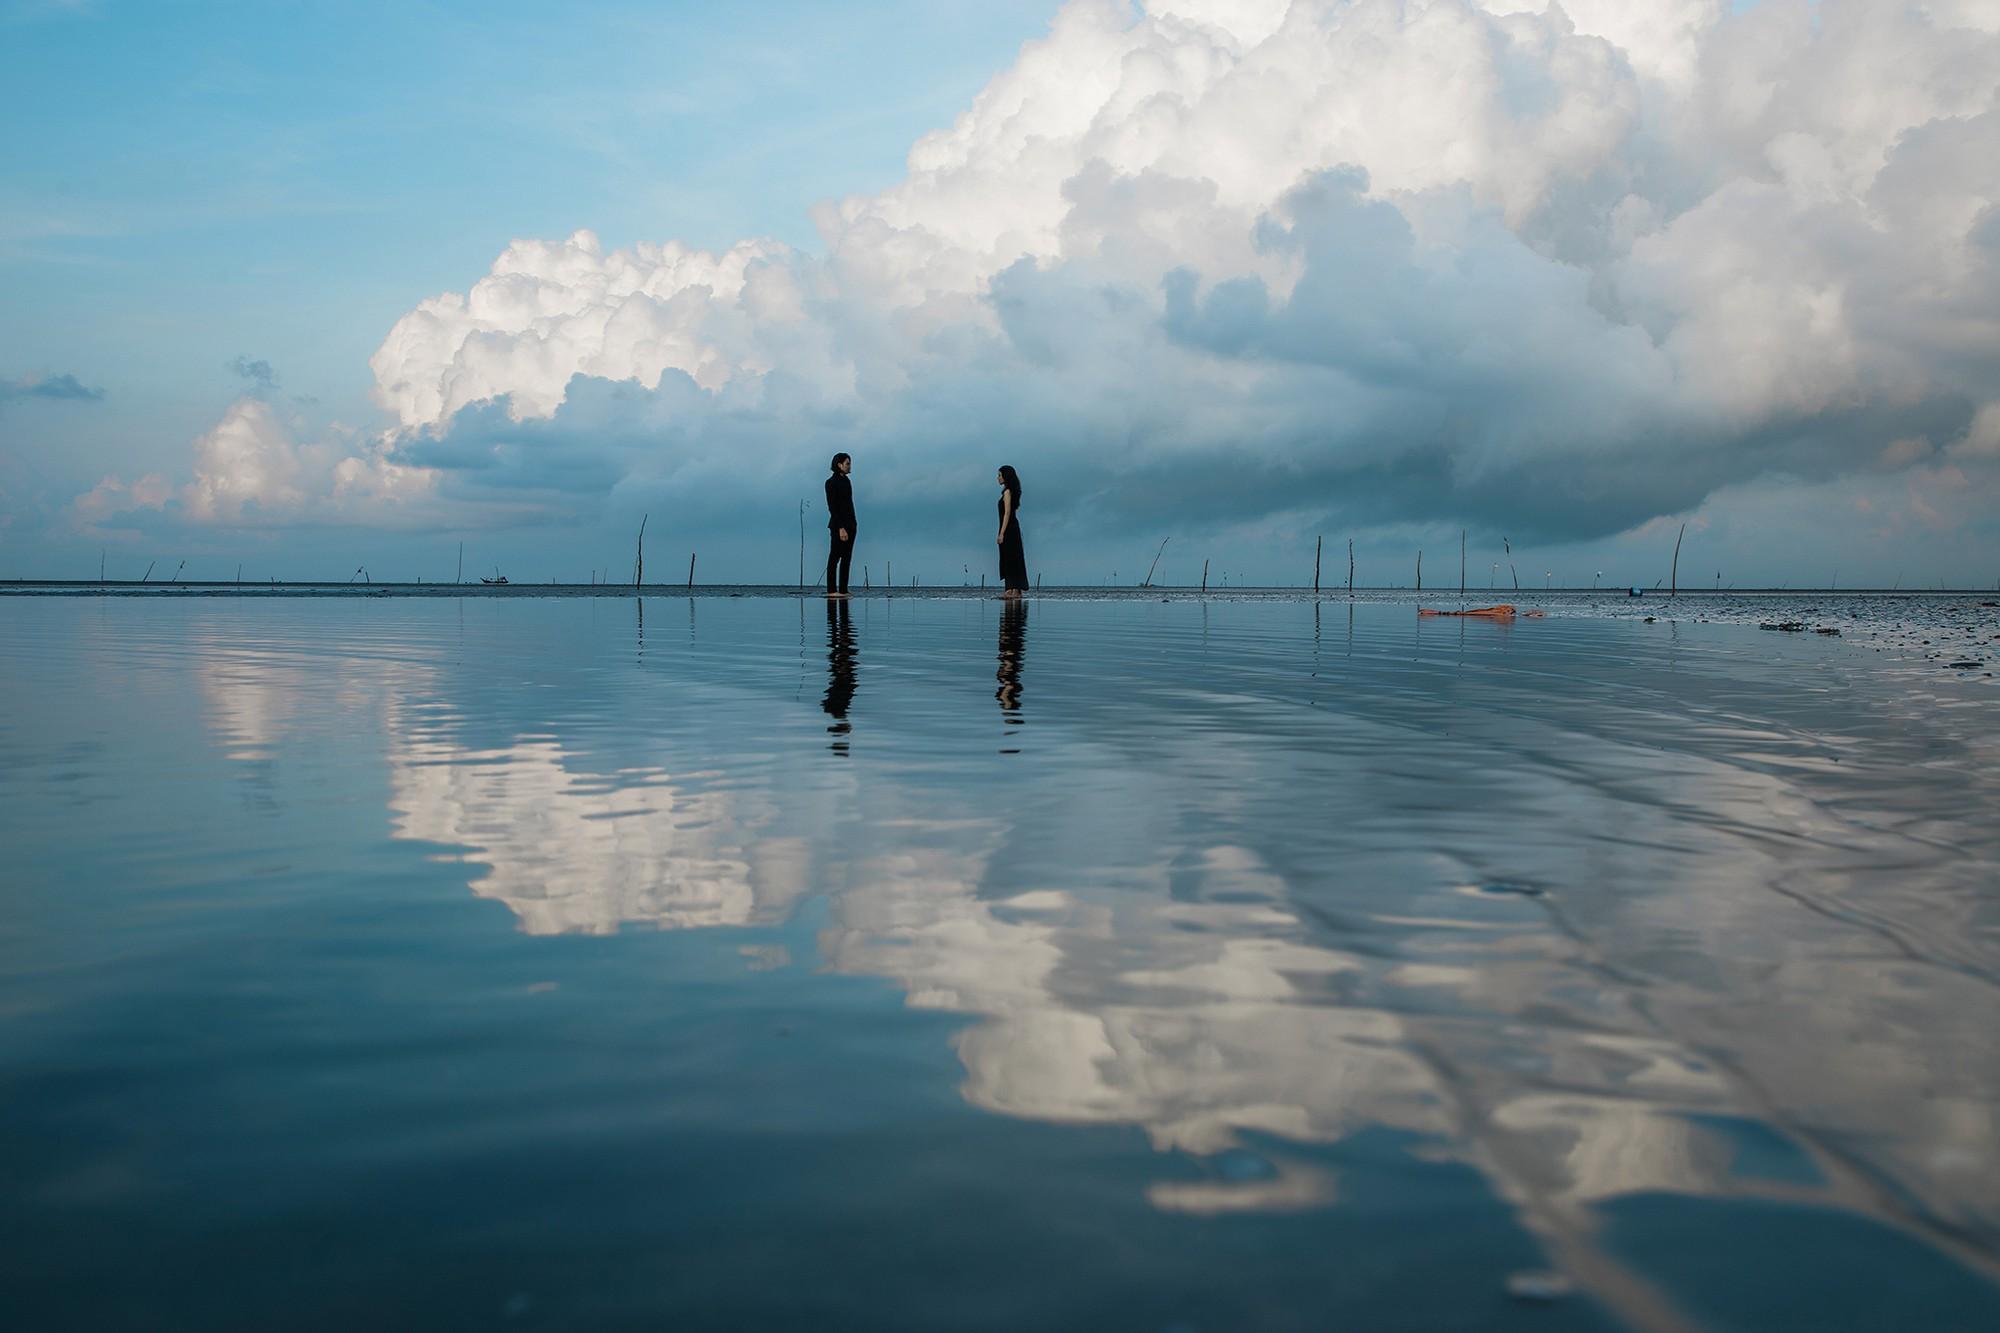 Phát hiện toạ độ chụp ảnh đẹp như ngôn tình Hàn Quốc tại biển Cần Giờ - Ảnh 11.